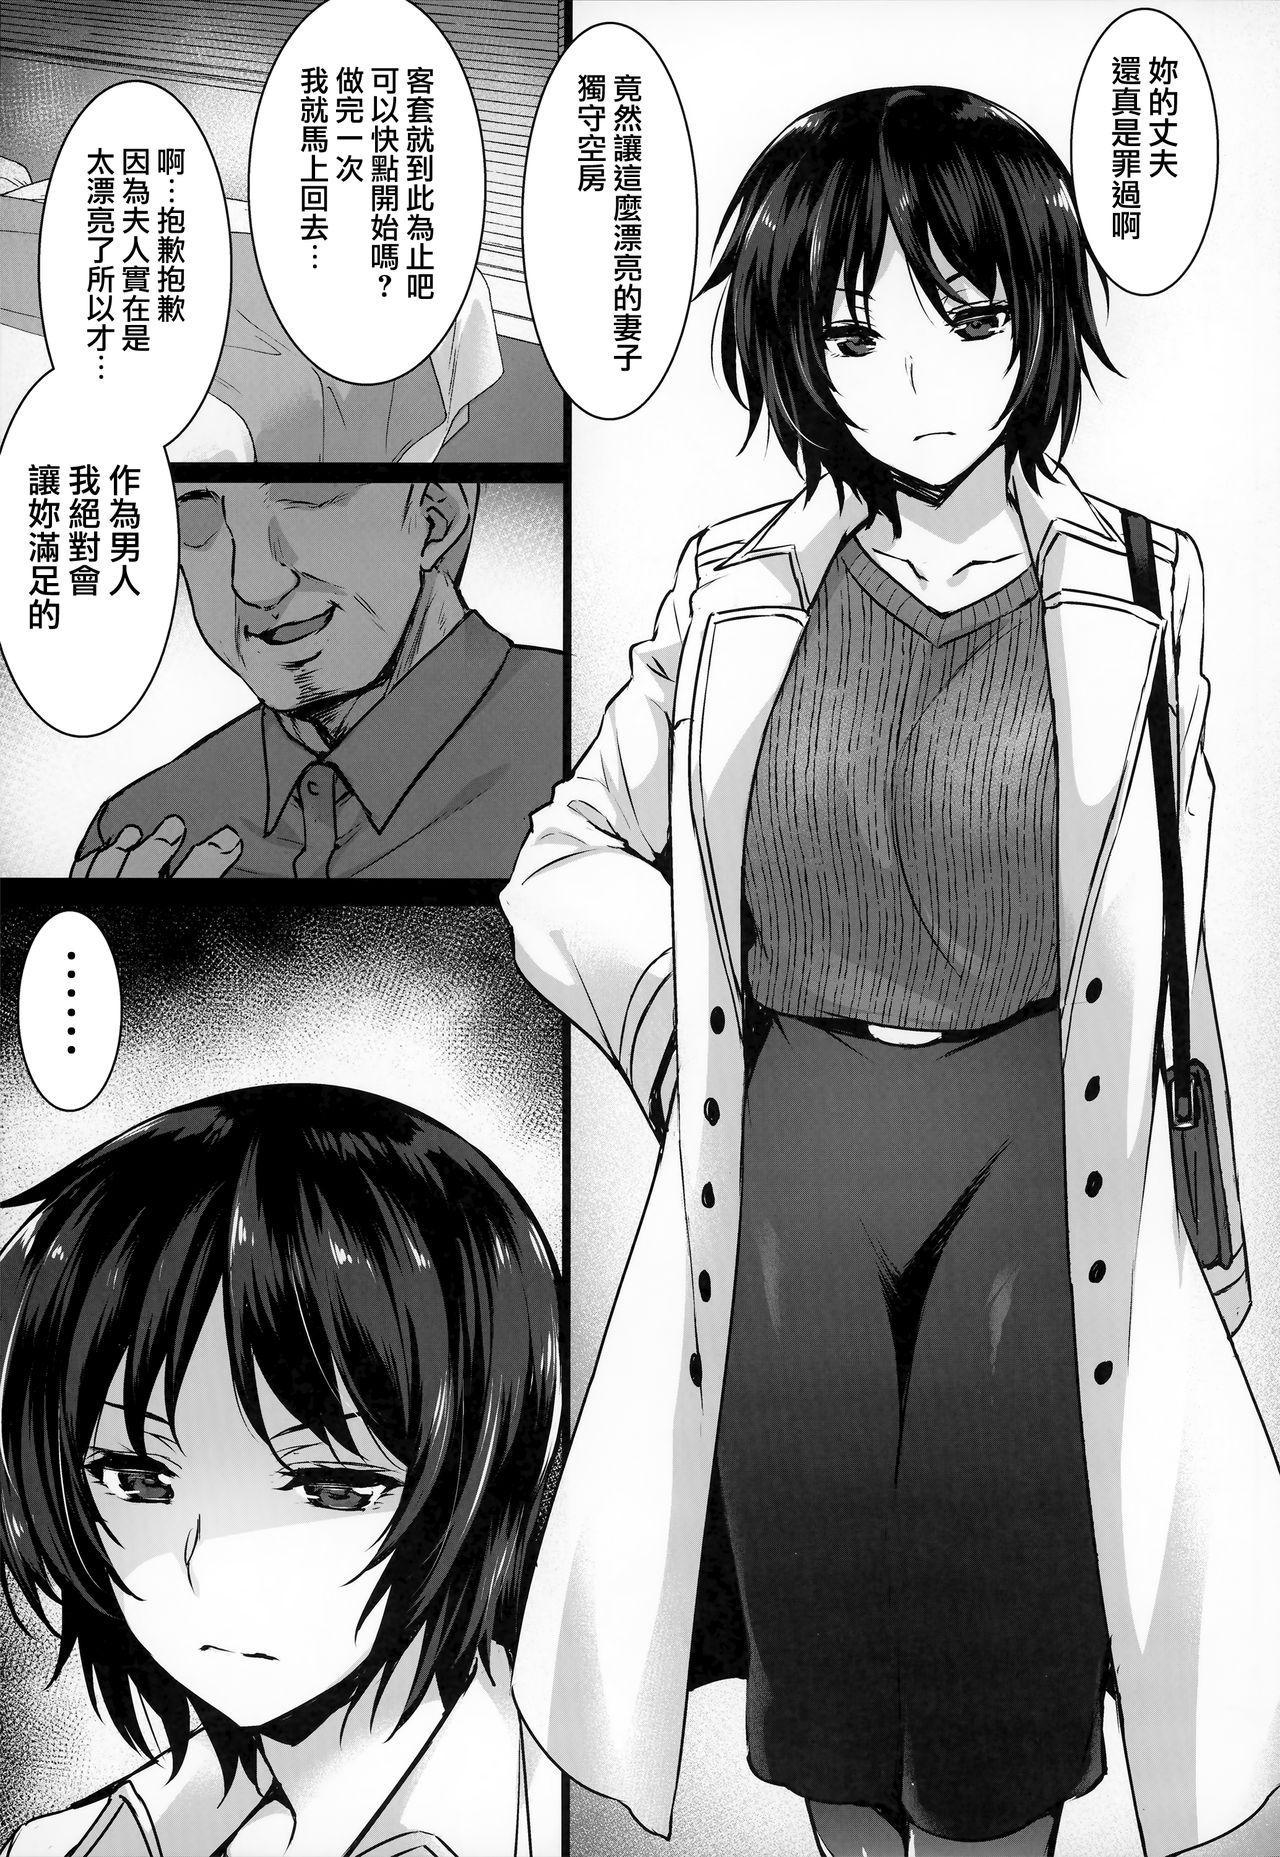 (C95) [Himeya (Abe Inori)] Rental Tanetsuke Oji-san 3 ~Aru Hitozuma no Tanetsuke Oji-san 24-jikan Sex Taikenki~  [Chinese] [無邪気漢化組] 5